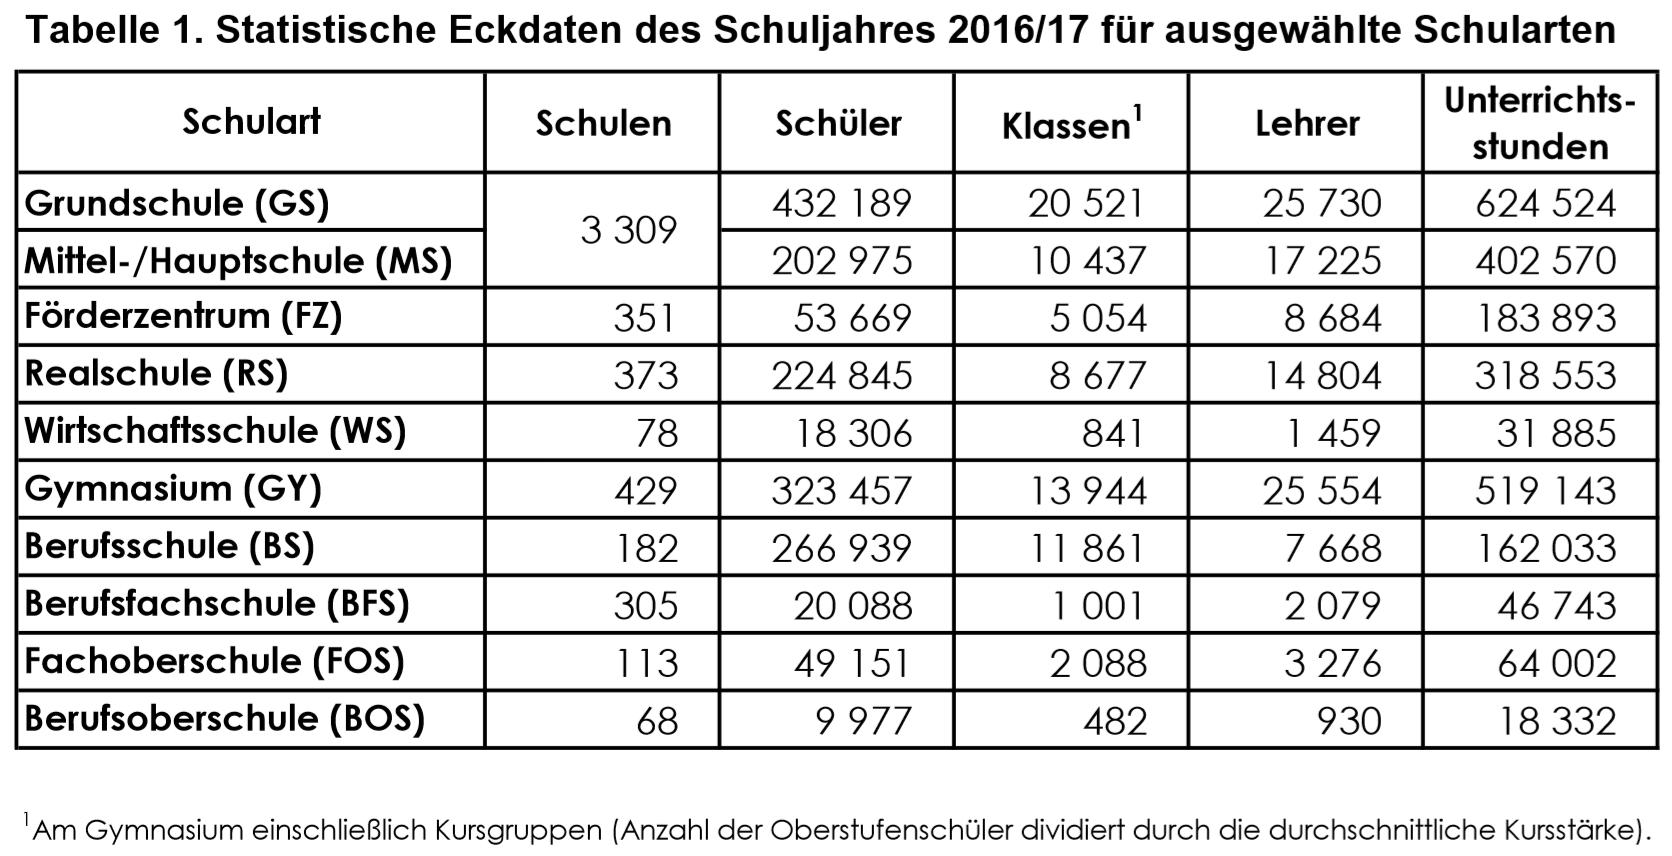 Unterrichtsversorgung in Bayern